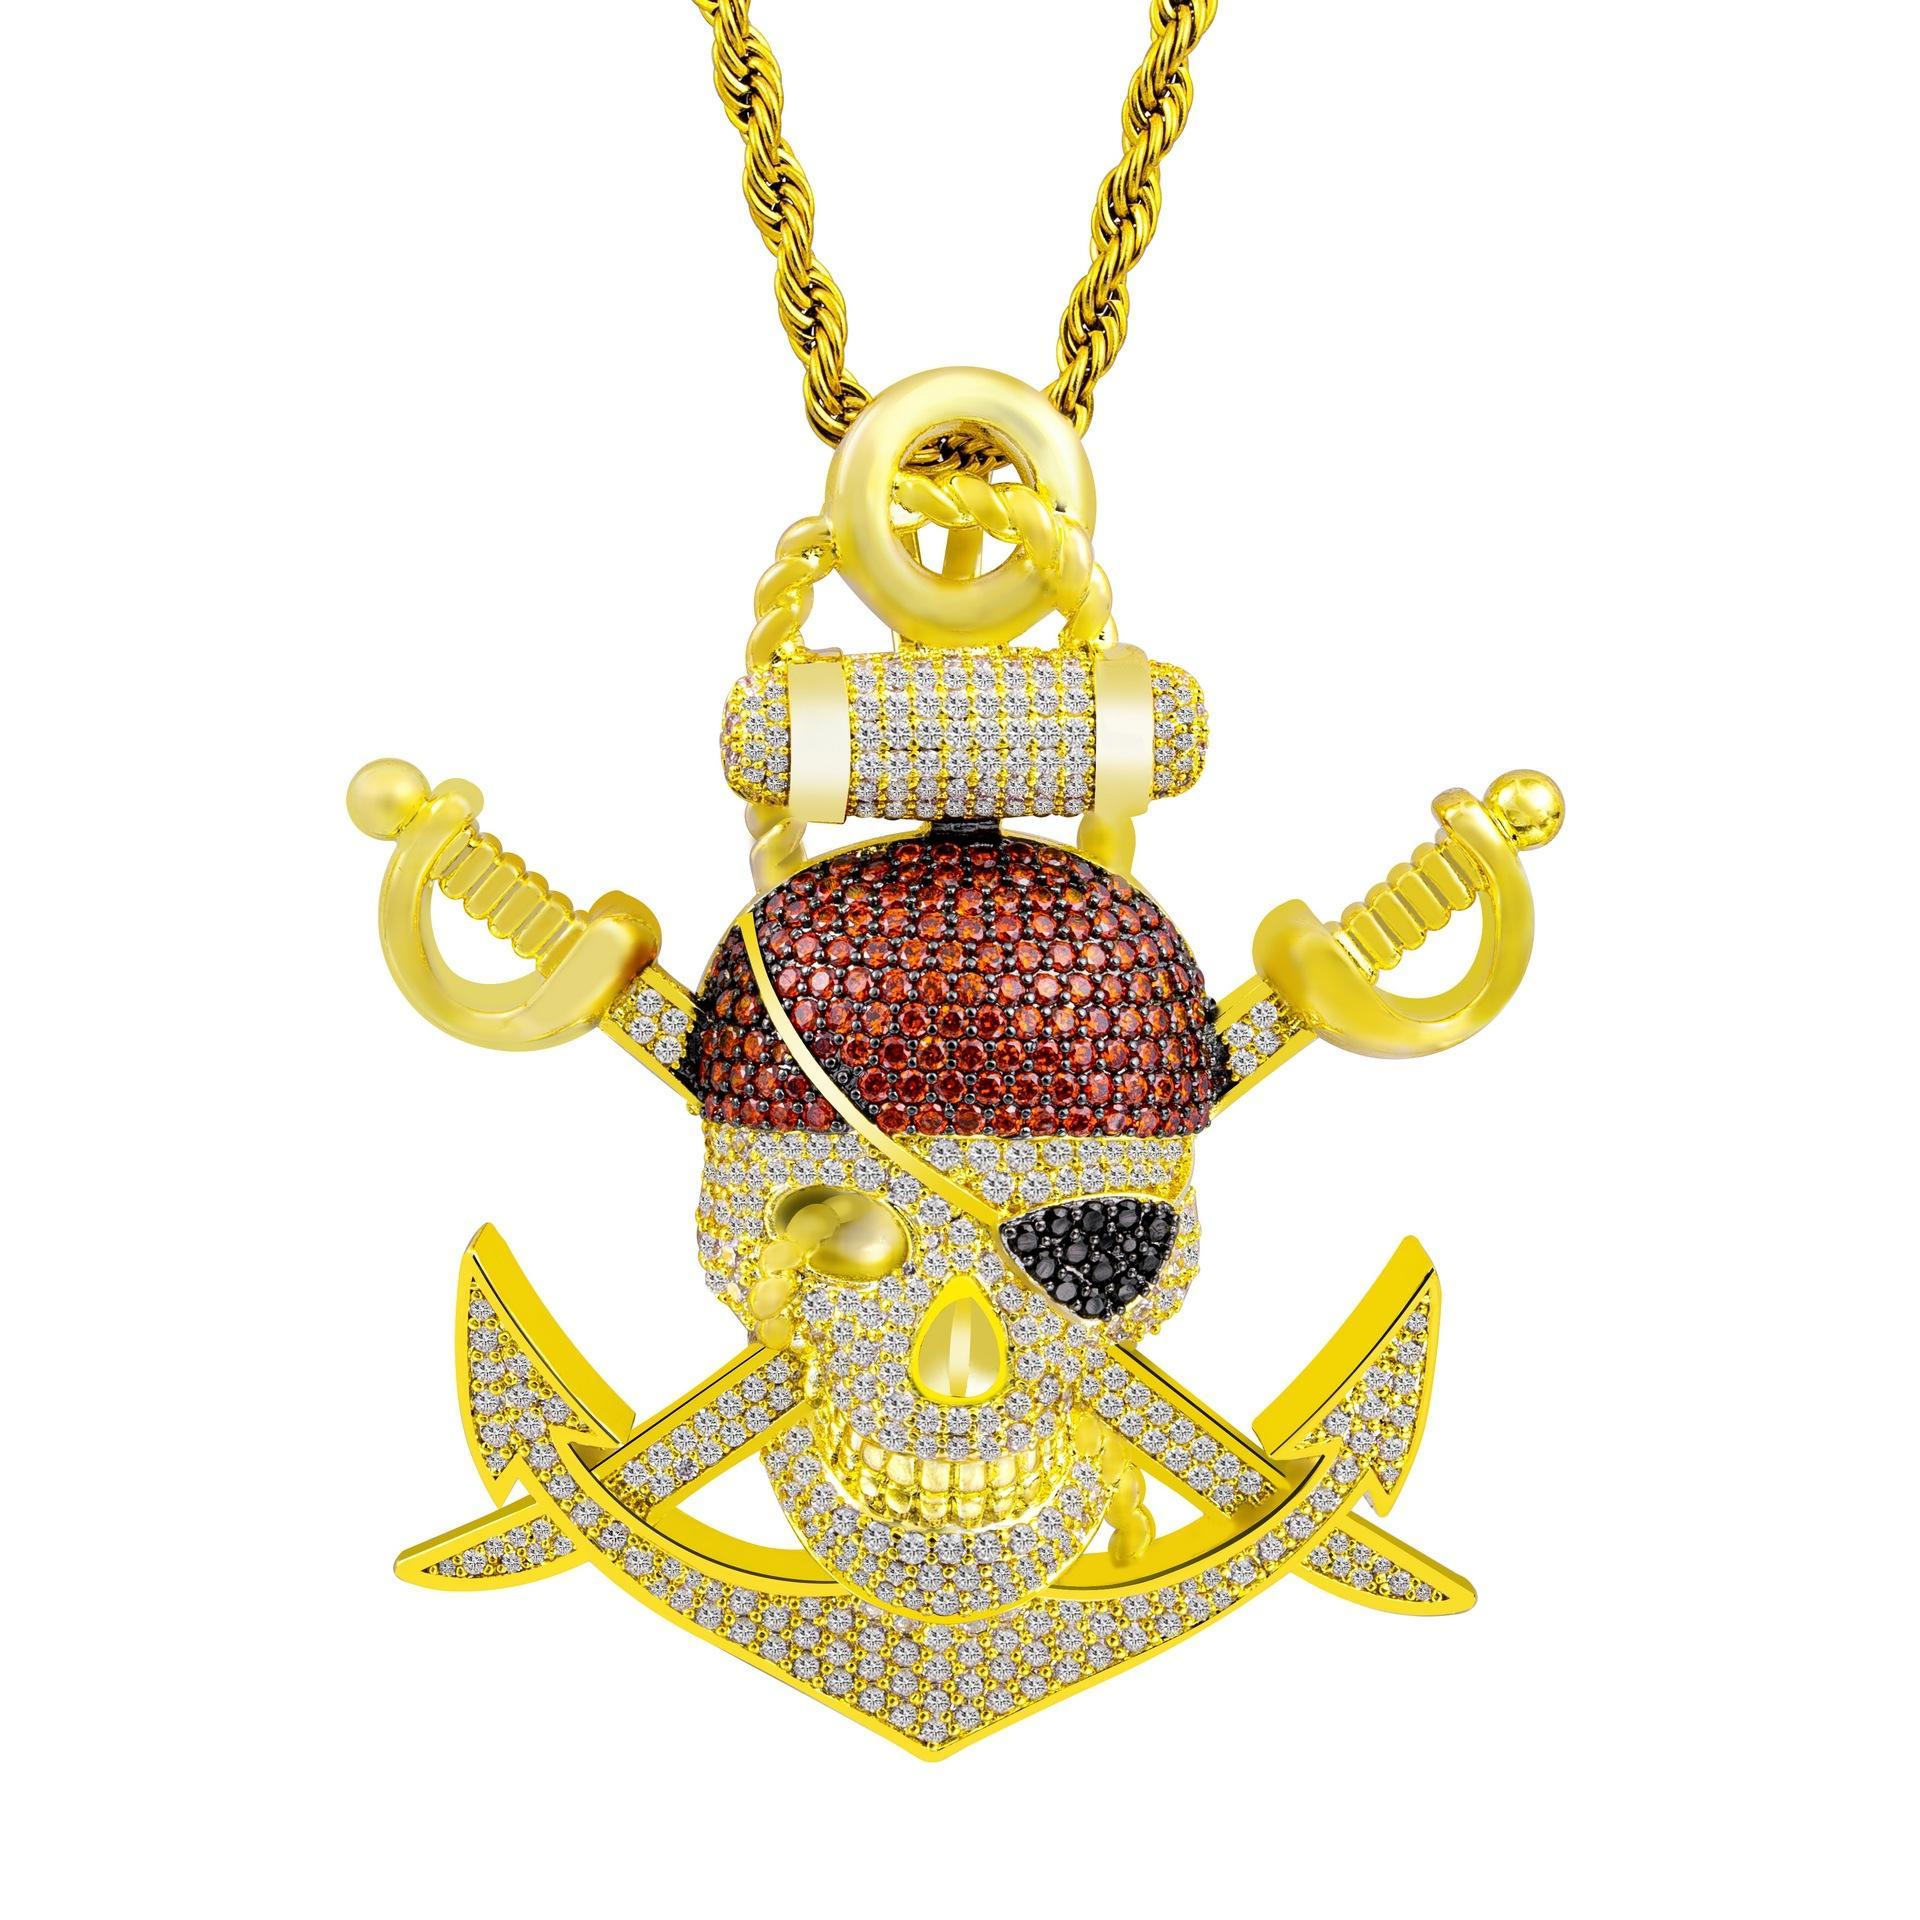 Qualitäts-Gold überzogen Bling CZ Schädel-Piraten-Anhänger Halskette mit Seil-Kette für Männer Frauen Hip Hop Schmuck